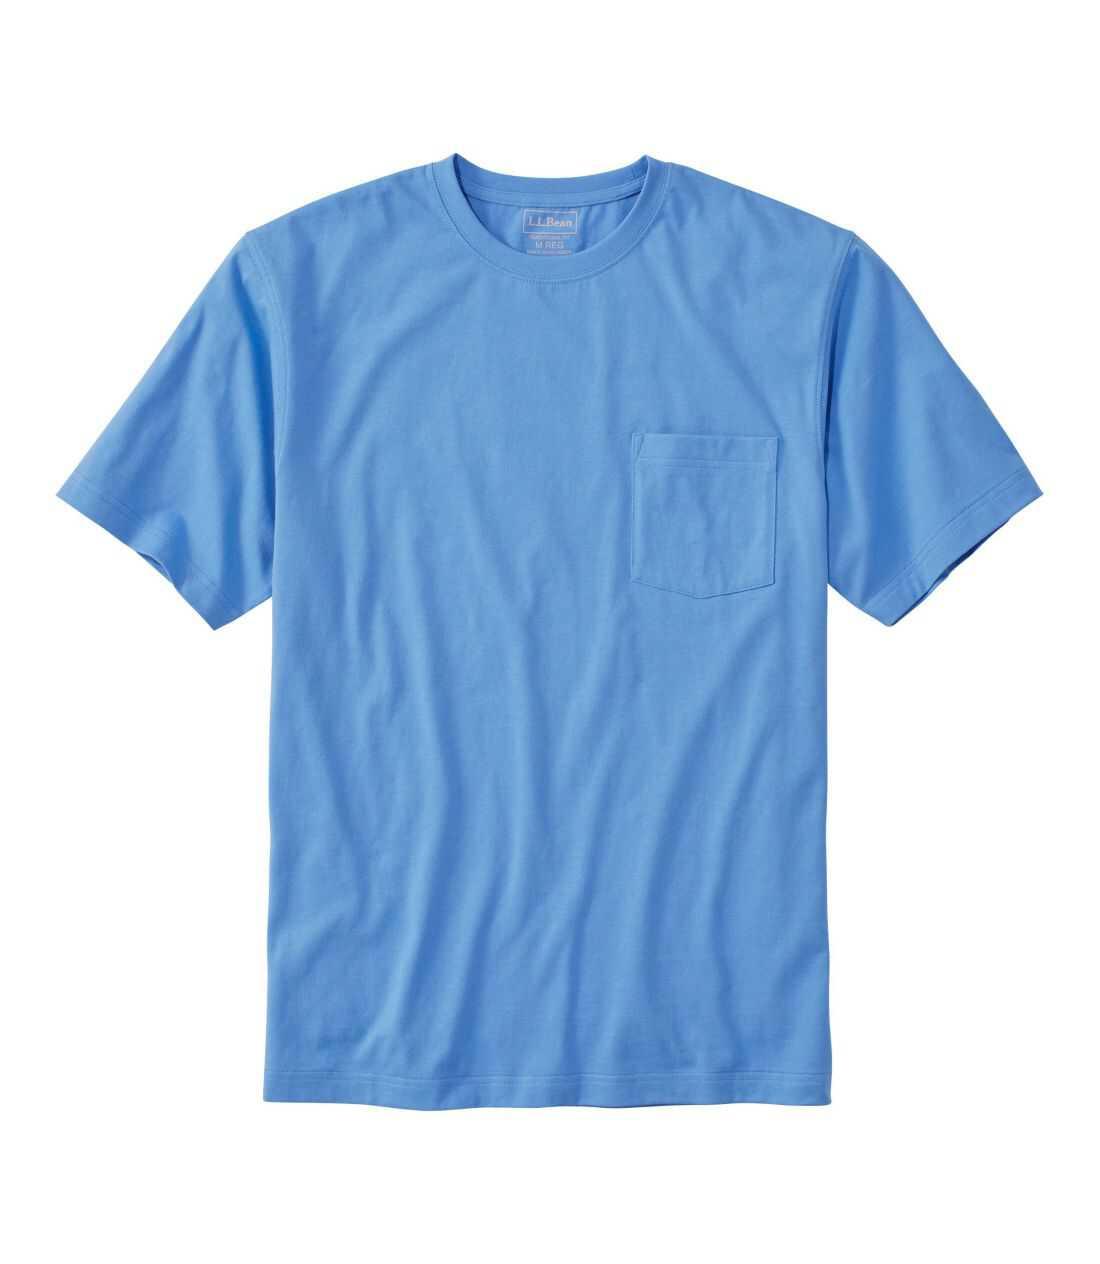 ケアフリー・アンシュリンカブル・ティ、半袖 ポケット付き